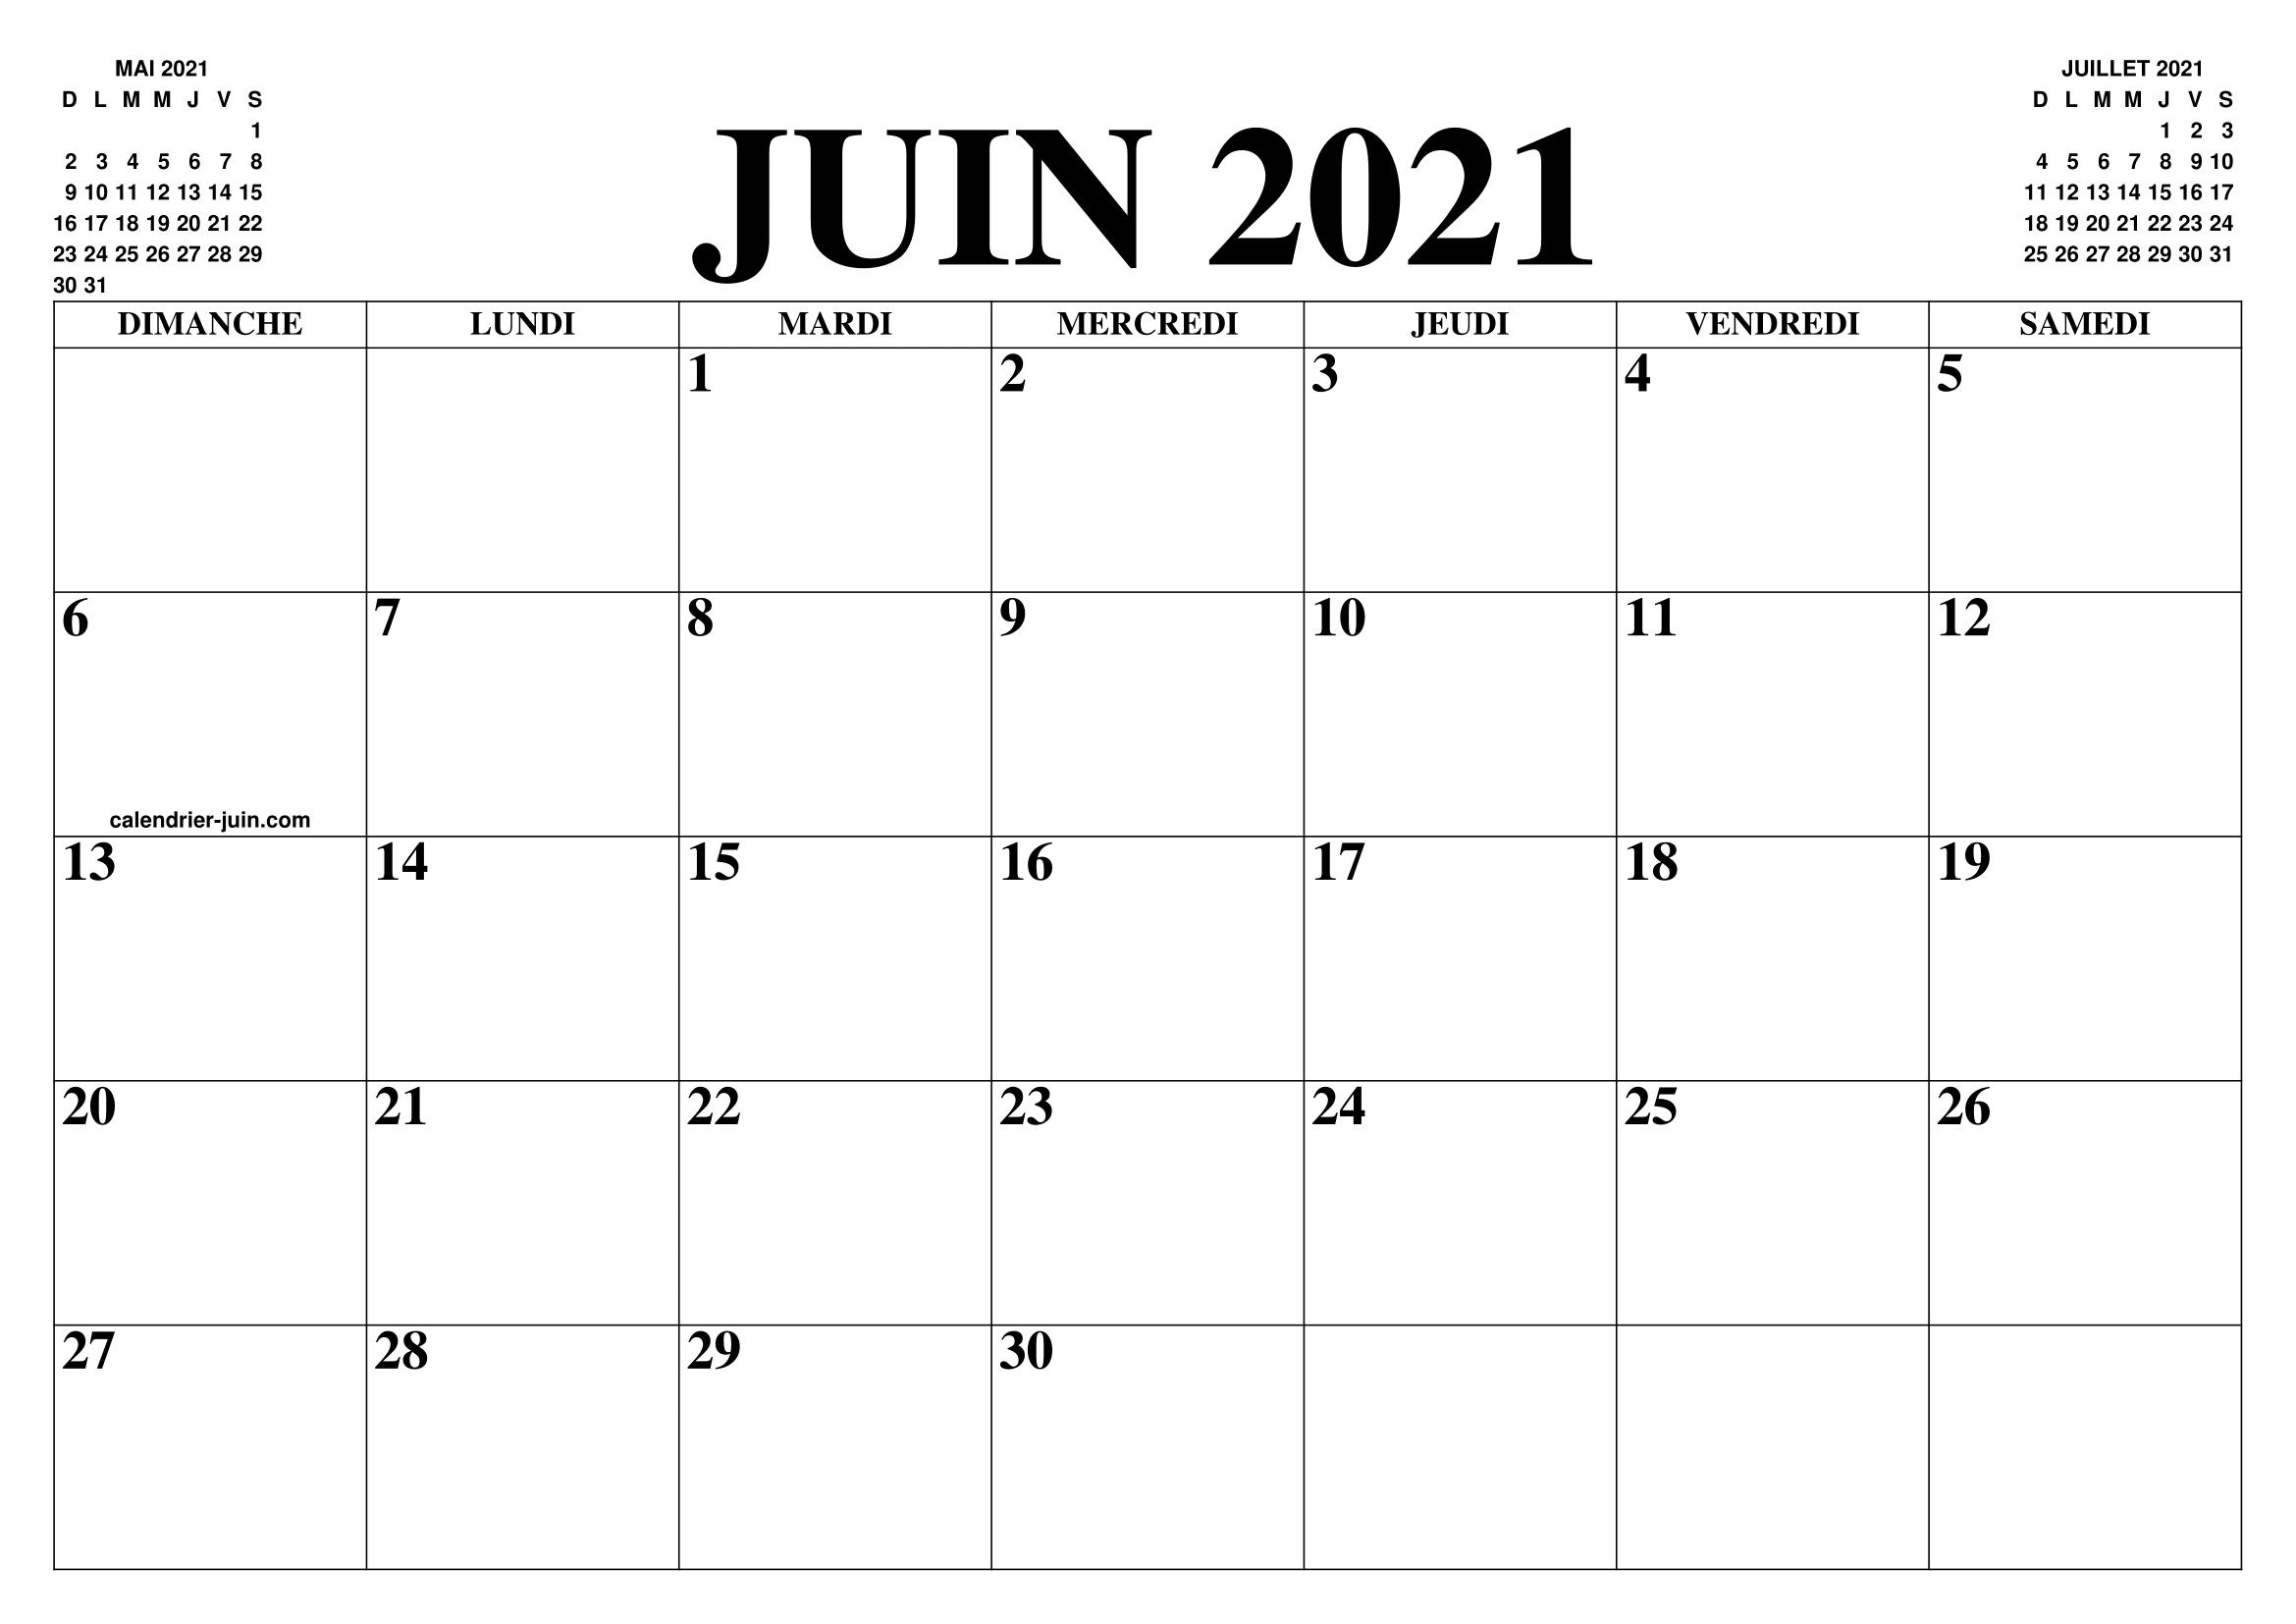 CALENDRIER JUIN 2021 : LE CALENDRIER DU MOIS DE JUIN GRATUIT A